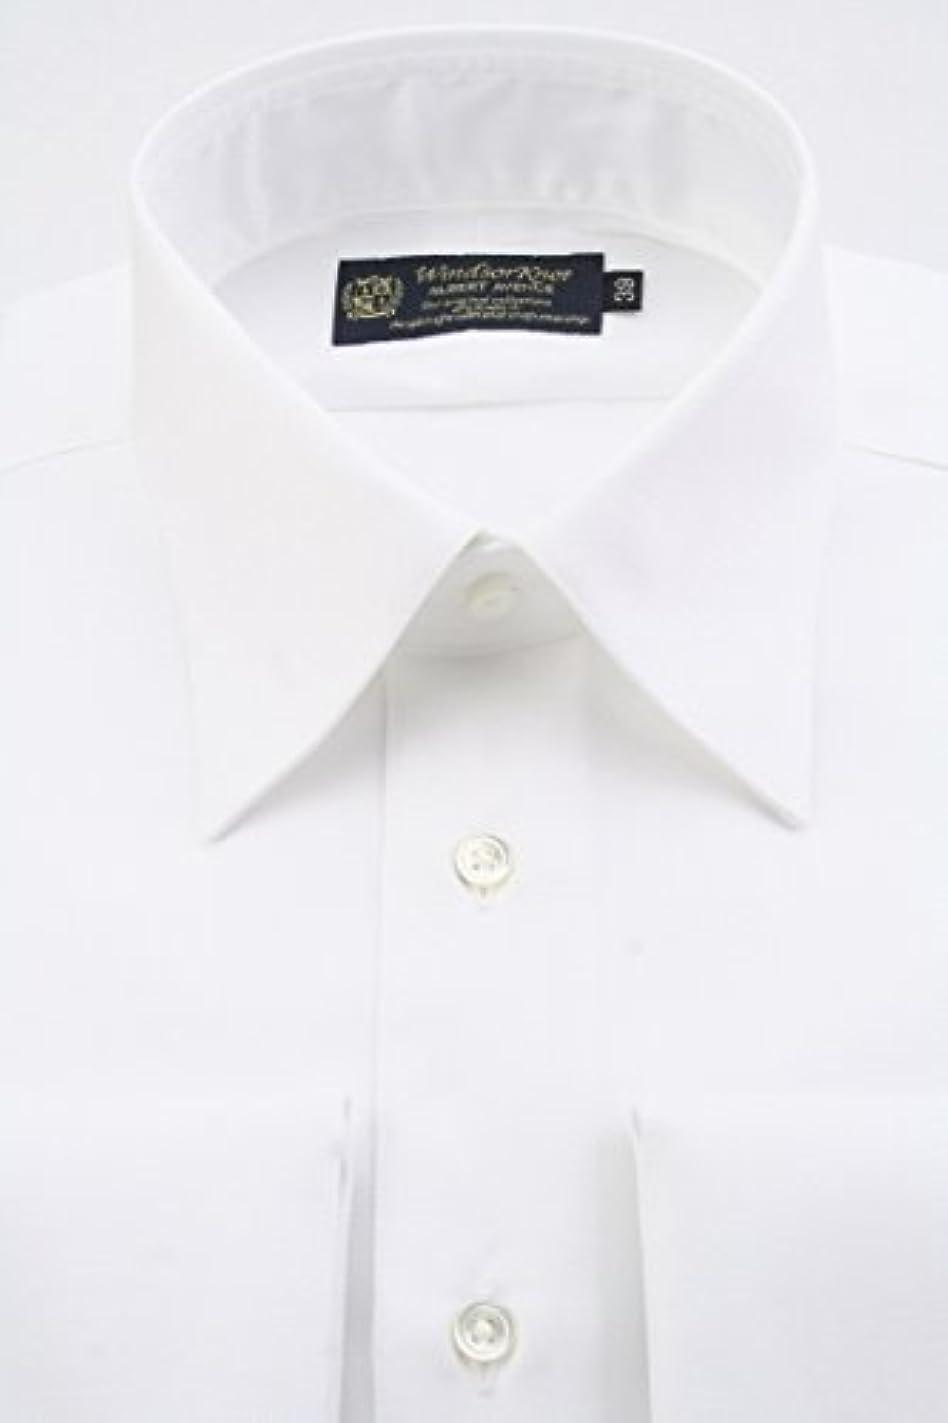 混乱した過半数外交官(ウィンザーノット アルバートアベニュー) Windsorknot Albert Avenue レギュラーカラーのダブルカフス ドレスシャツ 日本製 綿100% イージーアイロン 白無地 ツイル 100番手双糸 rg4476